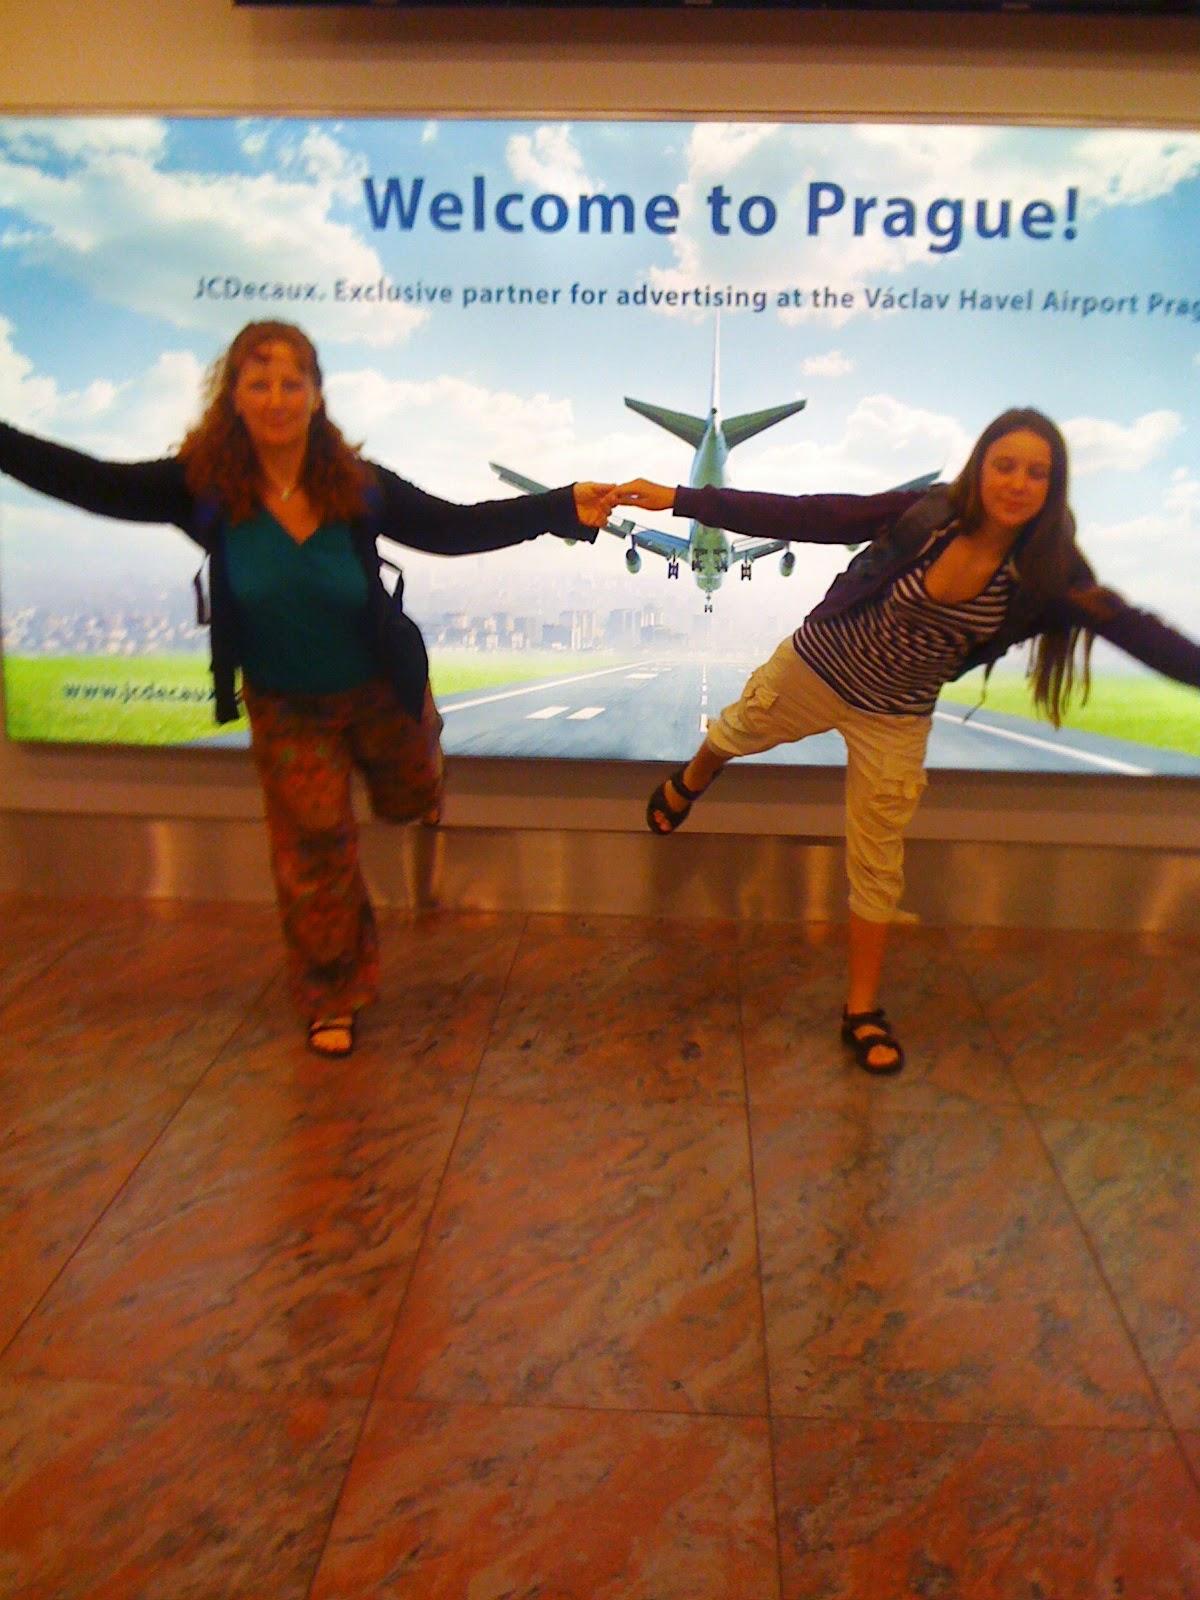 maminka se s dcerou drží za ruce před projekcí odlétajícího letadla a dělaj váhu na jedné noze